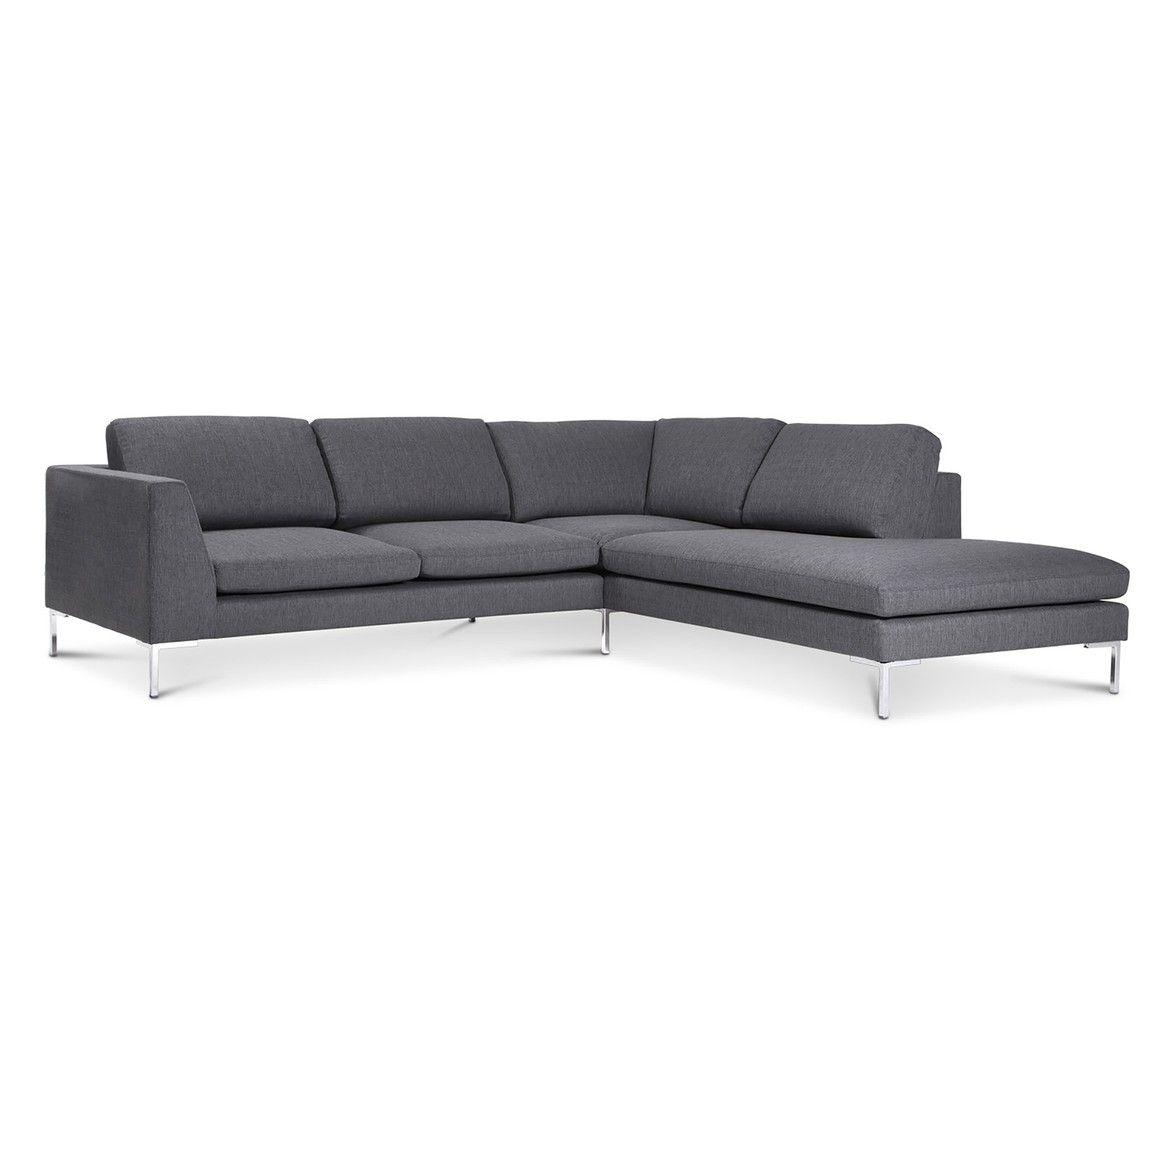 Liebenswert Couch Dunkelgrau Beste Wahl Ecksofa 2er Polyester Mit Recamiere Metallfüsse Grau